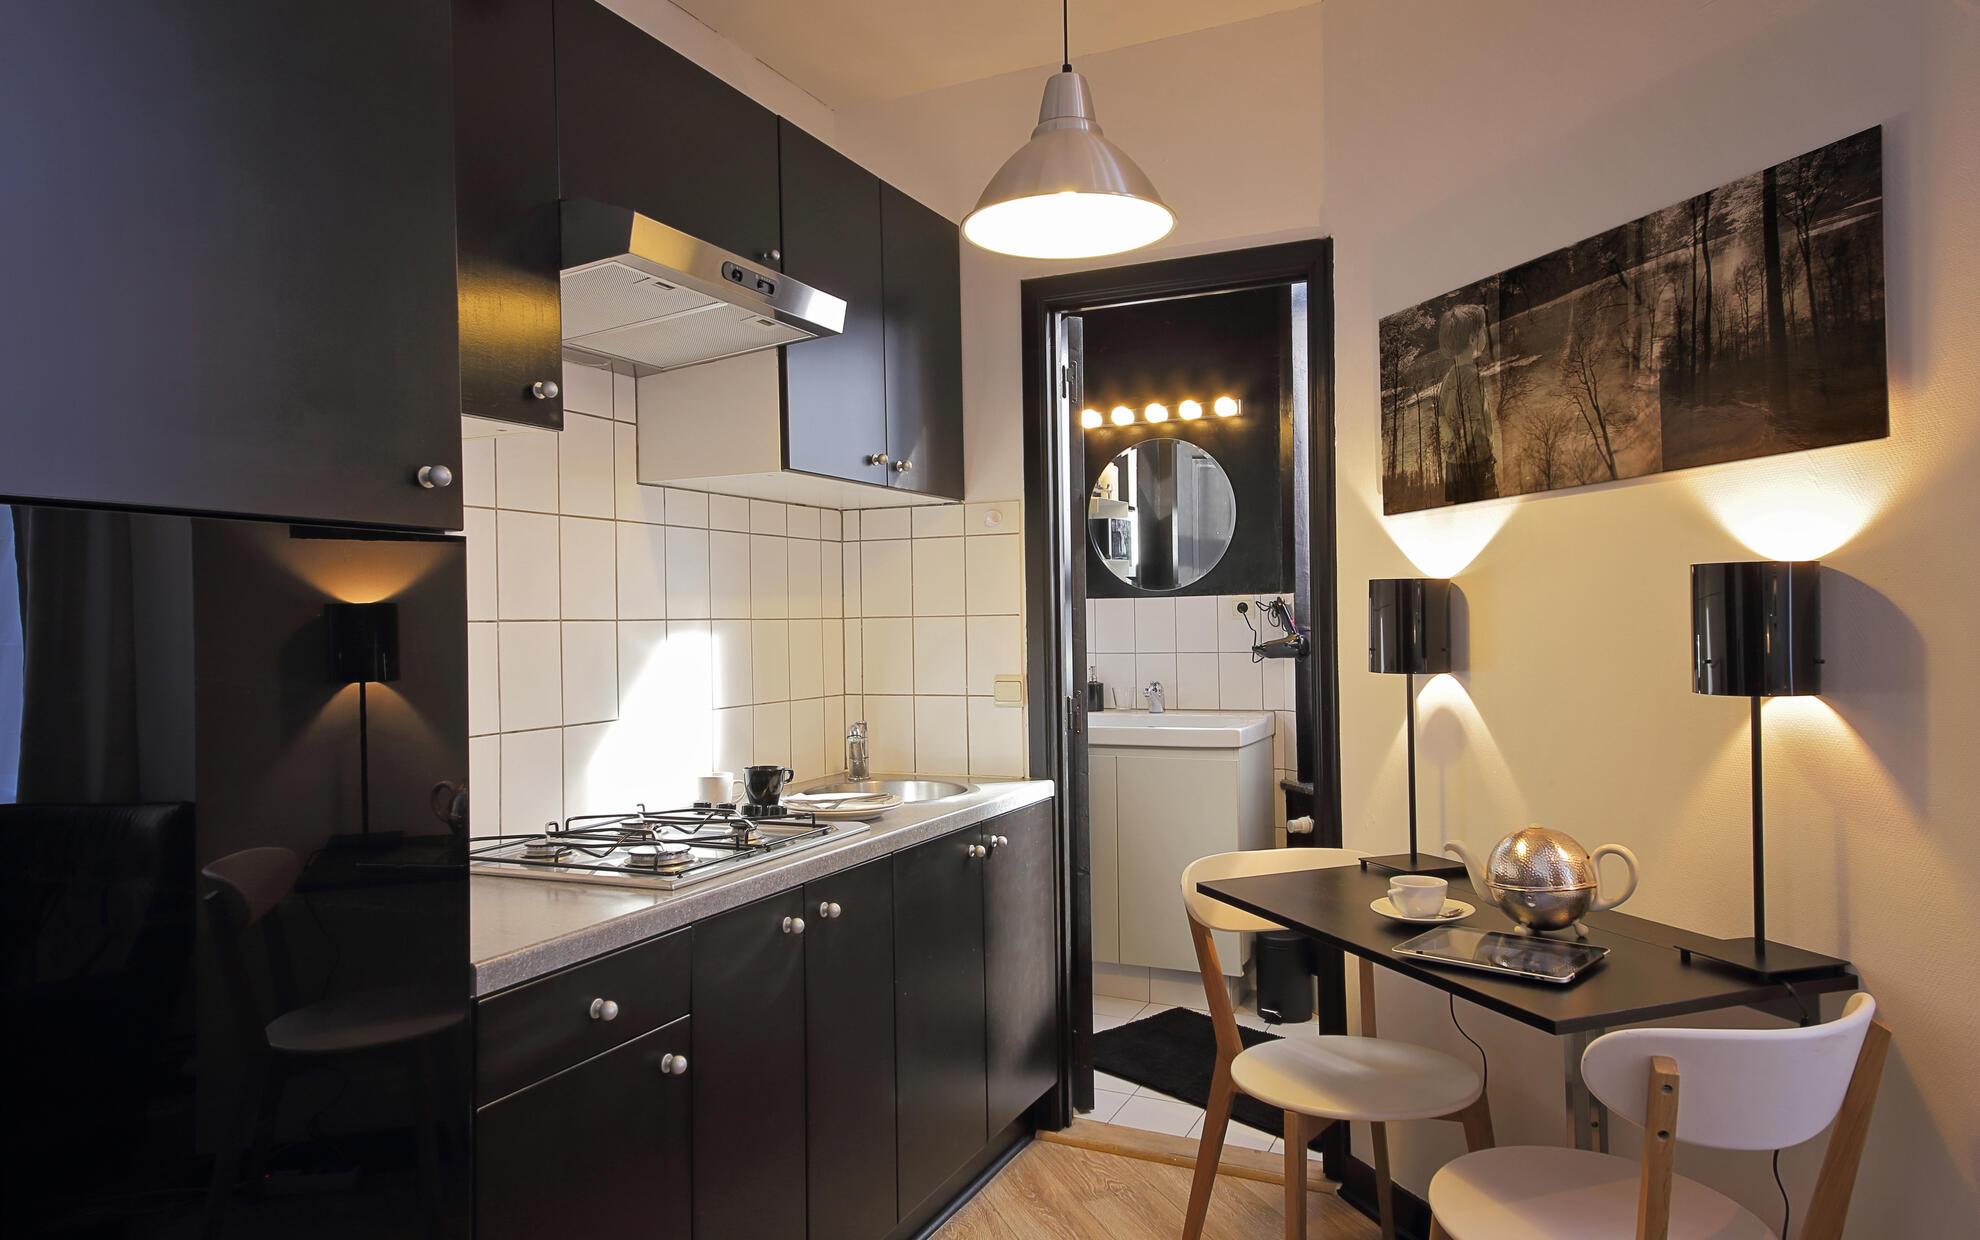 idées aménagement petite cuisine